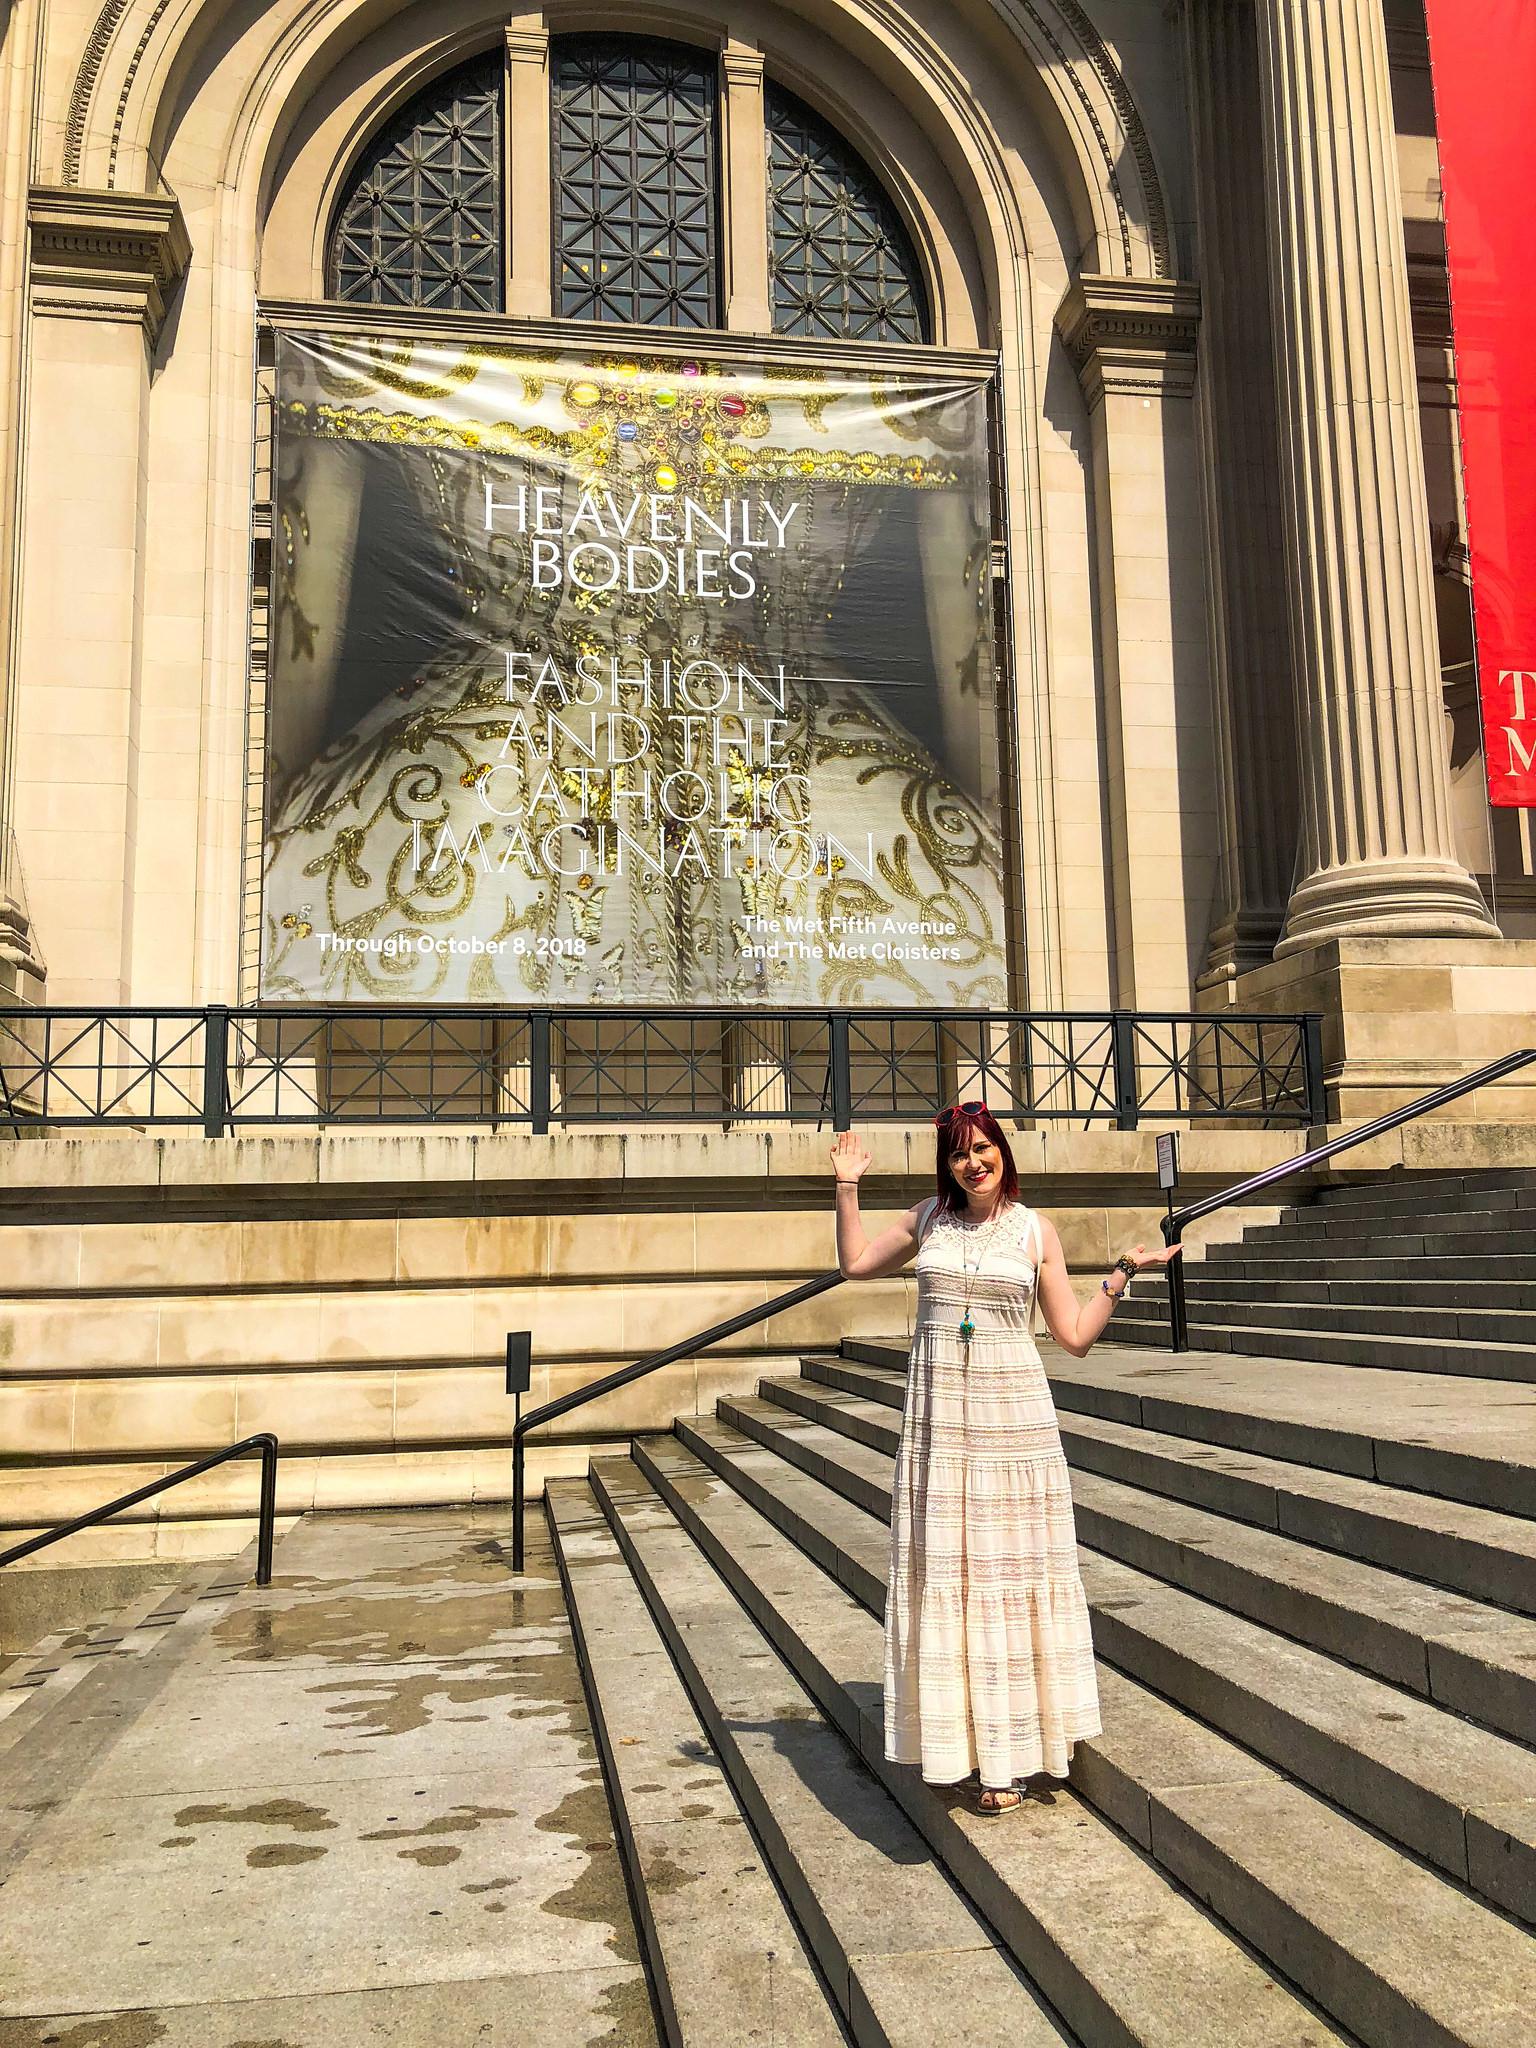 MET Heavenly Bodies Exhibition: Vatican Collection